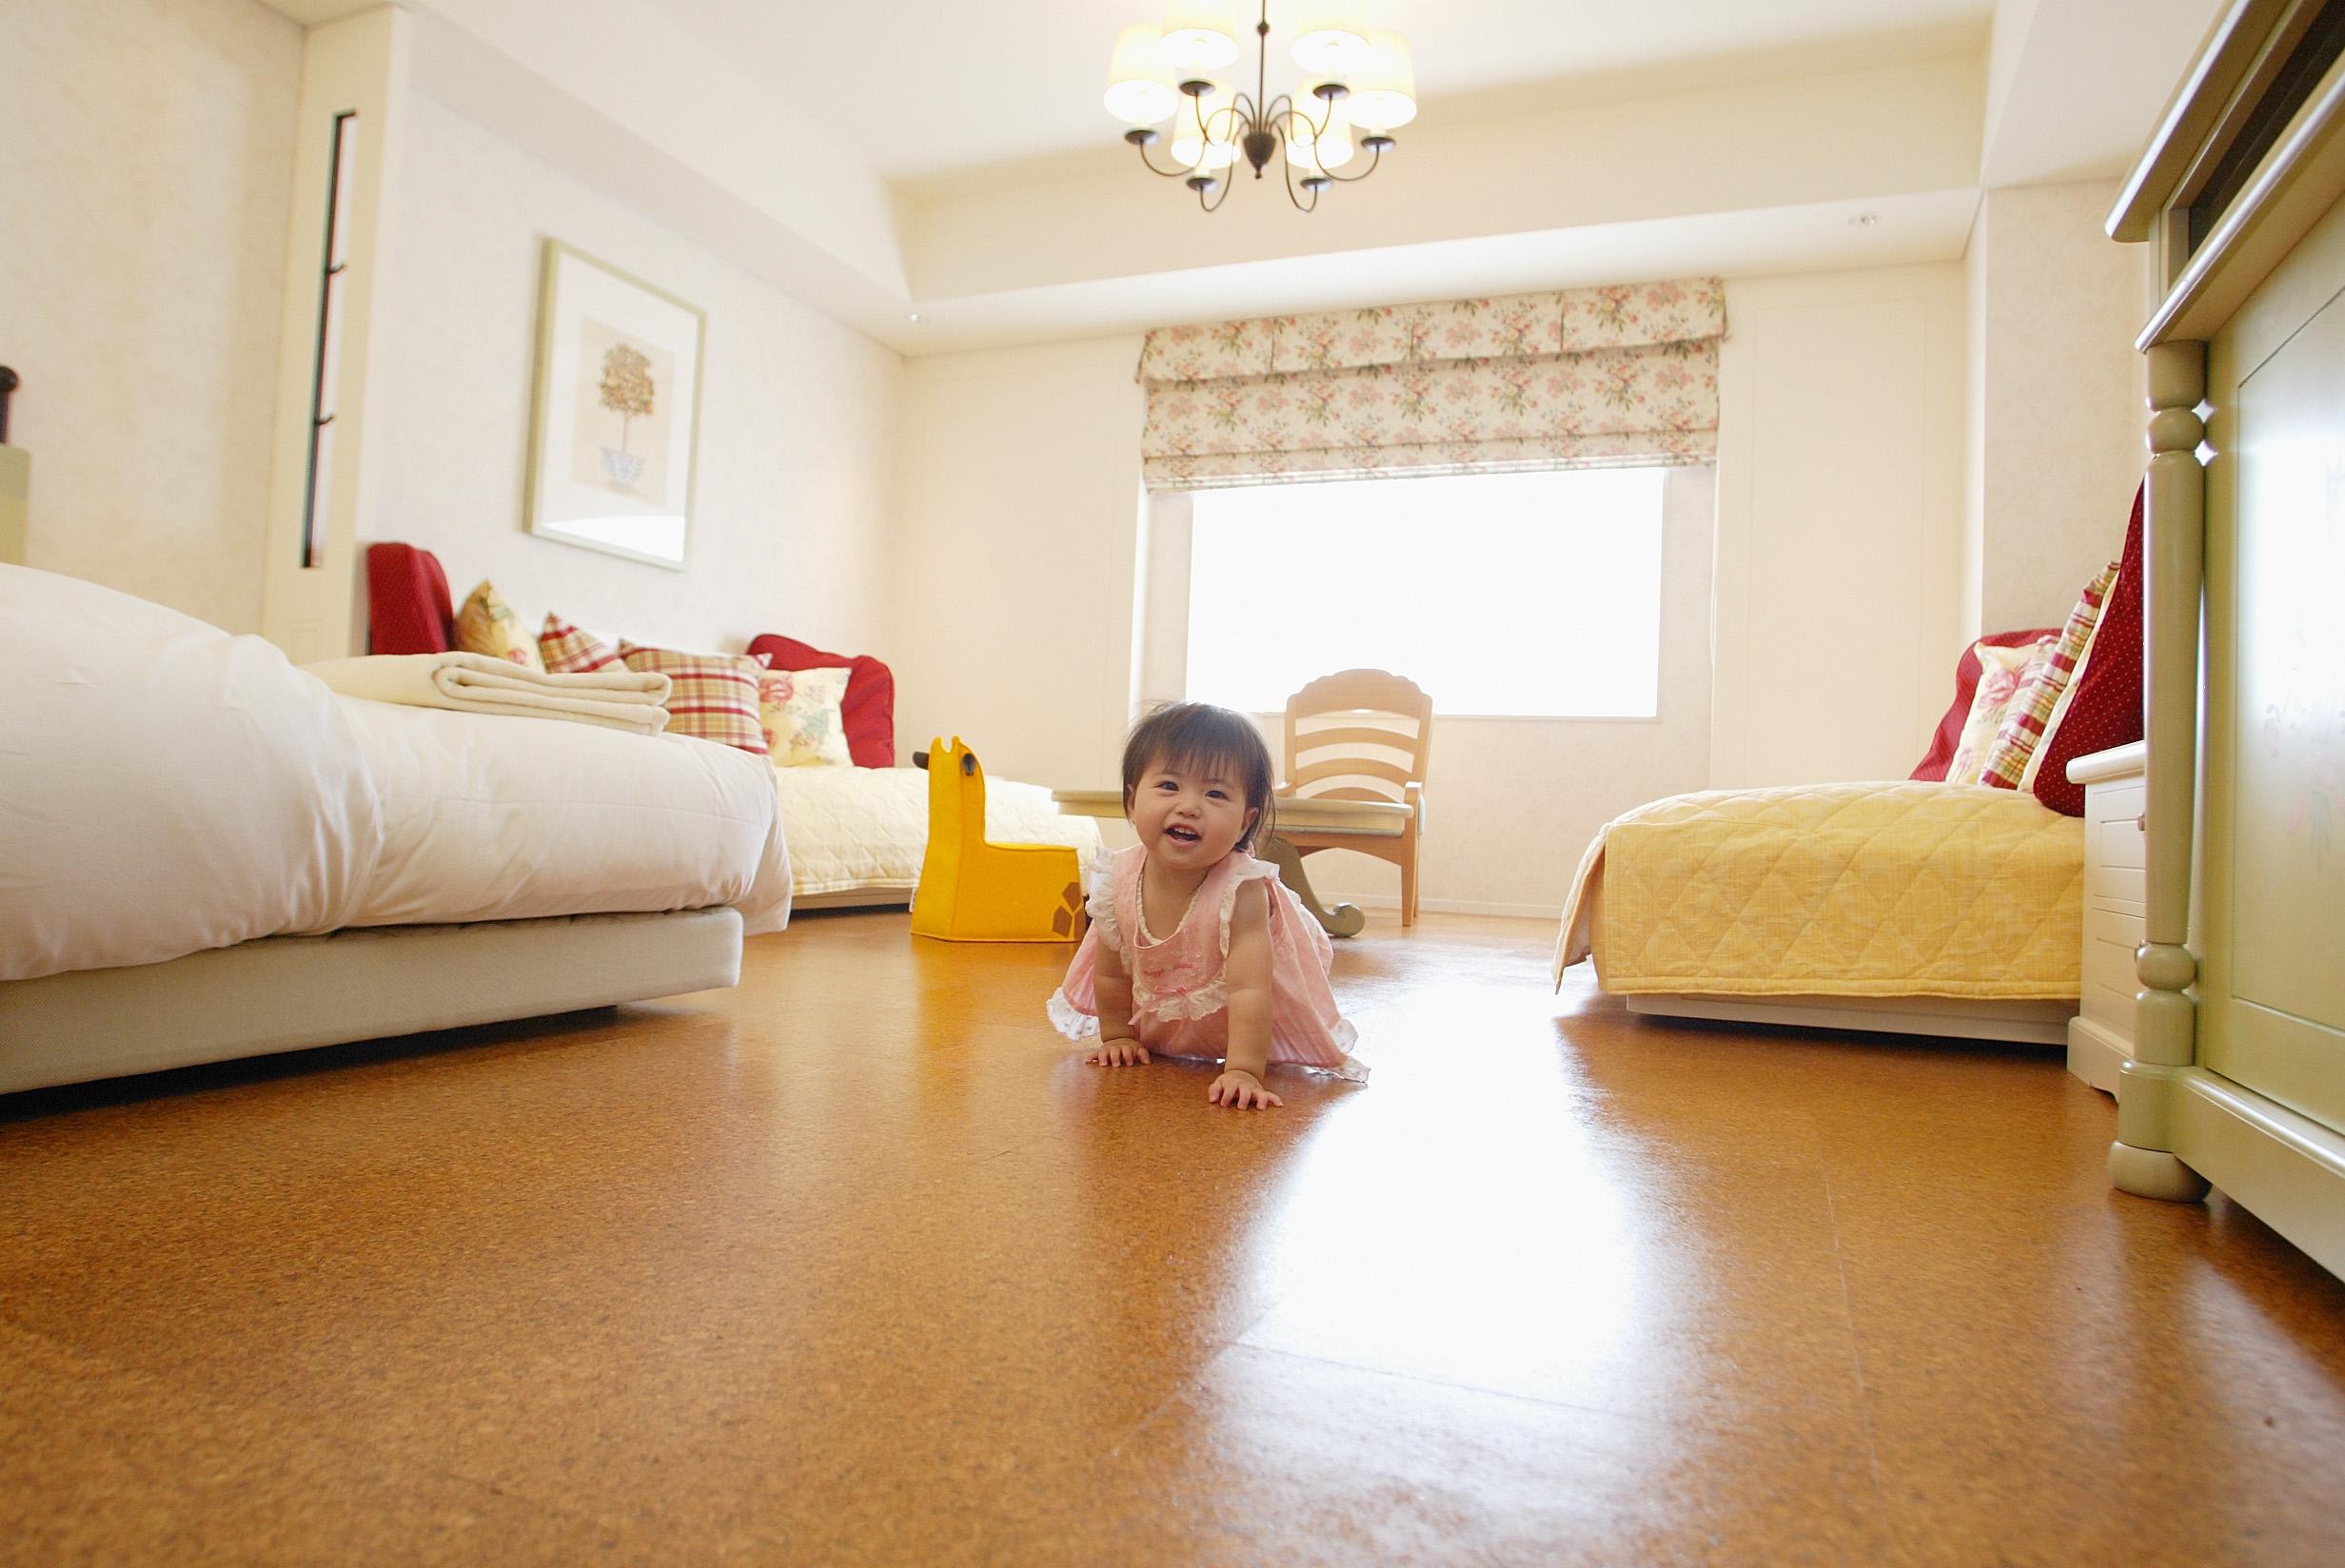 オリエンタルホテル 東京ベイ 【ファミリー】【Baby's Sweet】&【Kiddy Sweet】はキッズデザイン賞をダブル受賞したおしゃれなお部屋。子供もママもゆっくり過ごすことができる。